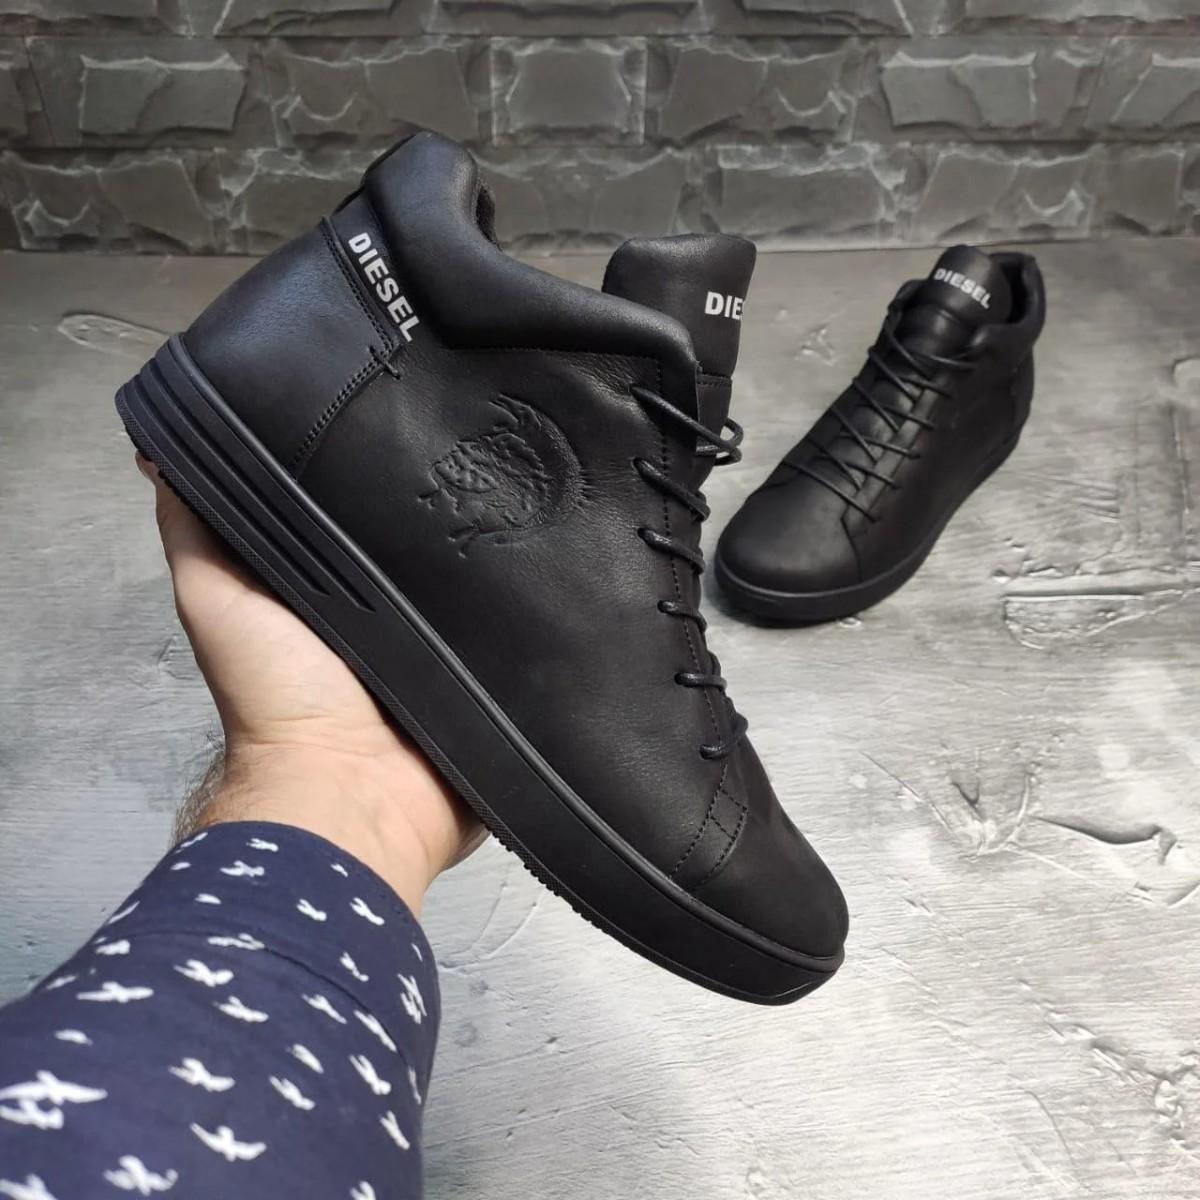 Зимние кожаные кроссовки на меху Diesel Pirate Black